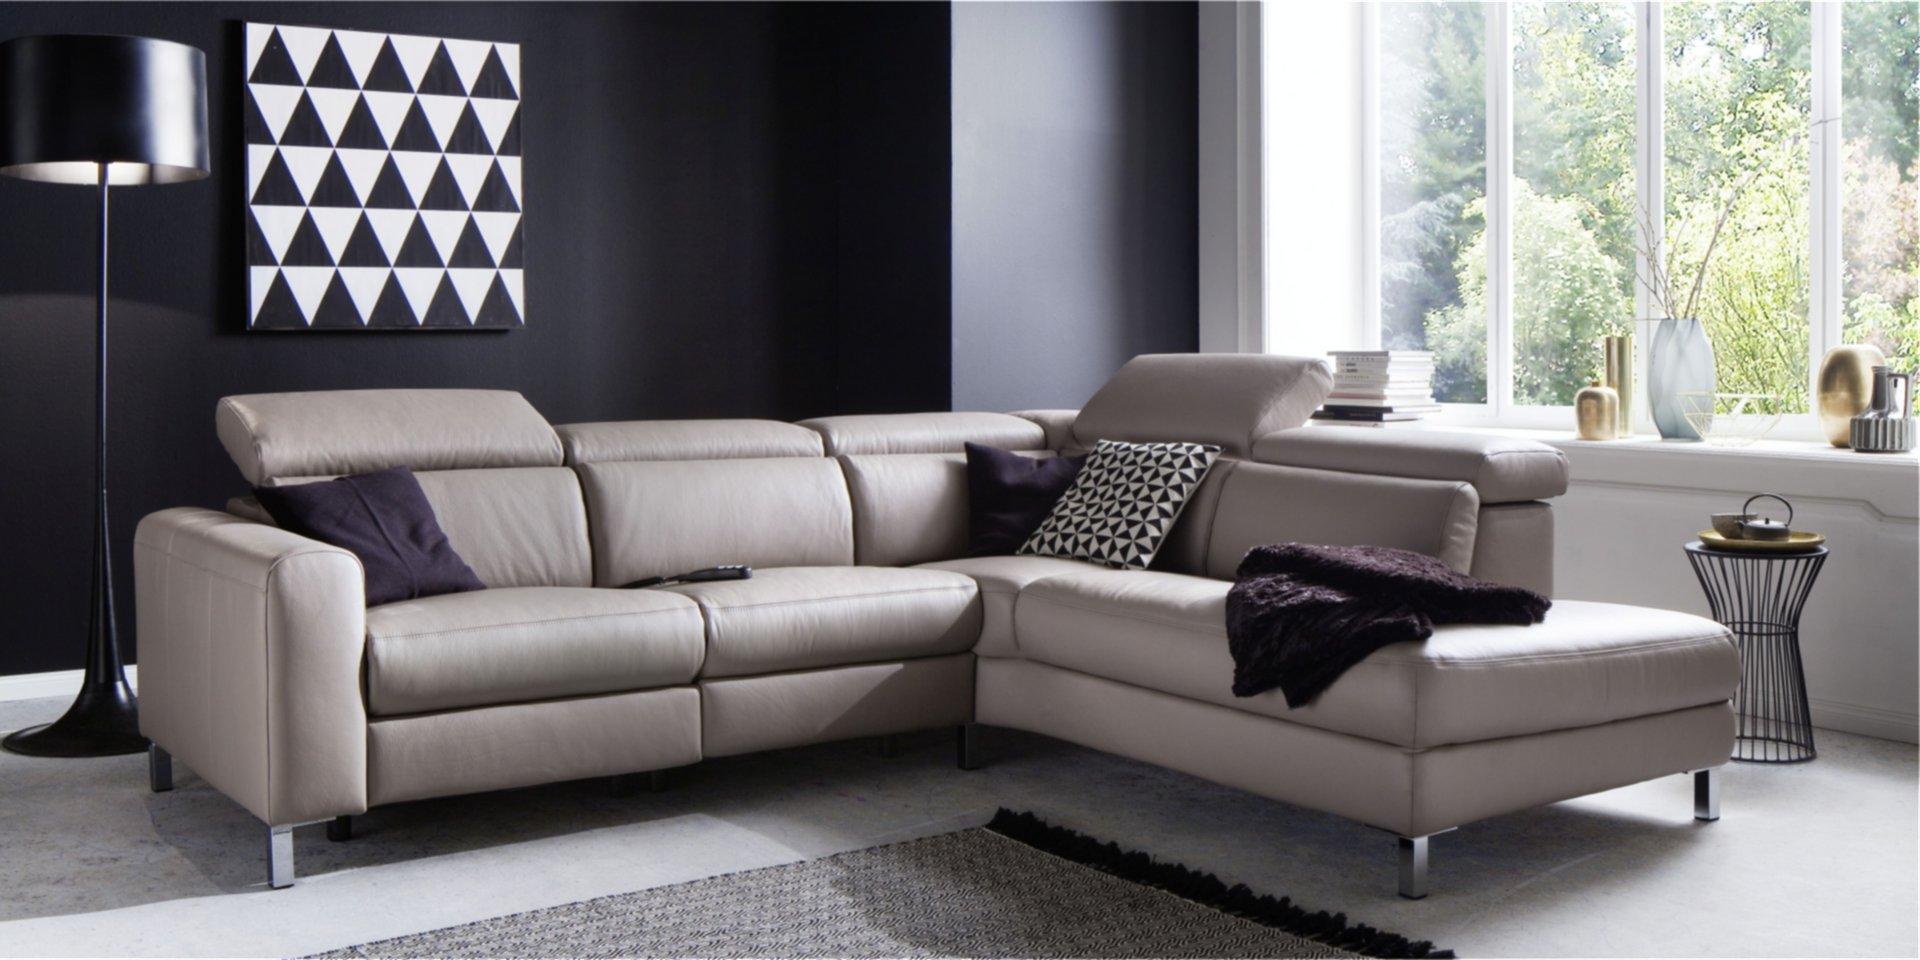 m bel zehrden home. Black Bedroom Furniture Sets. Home Design Ideas